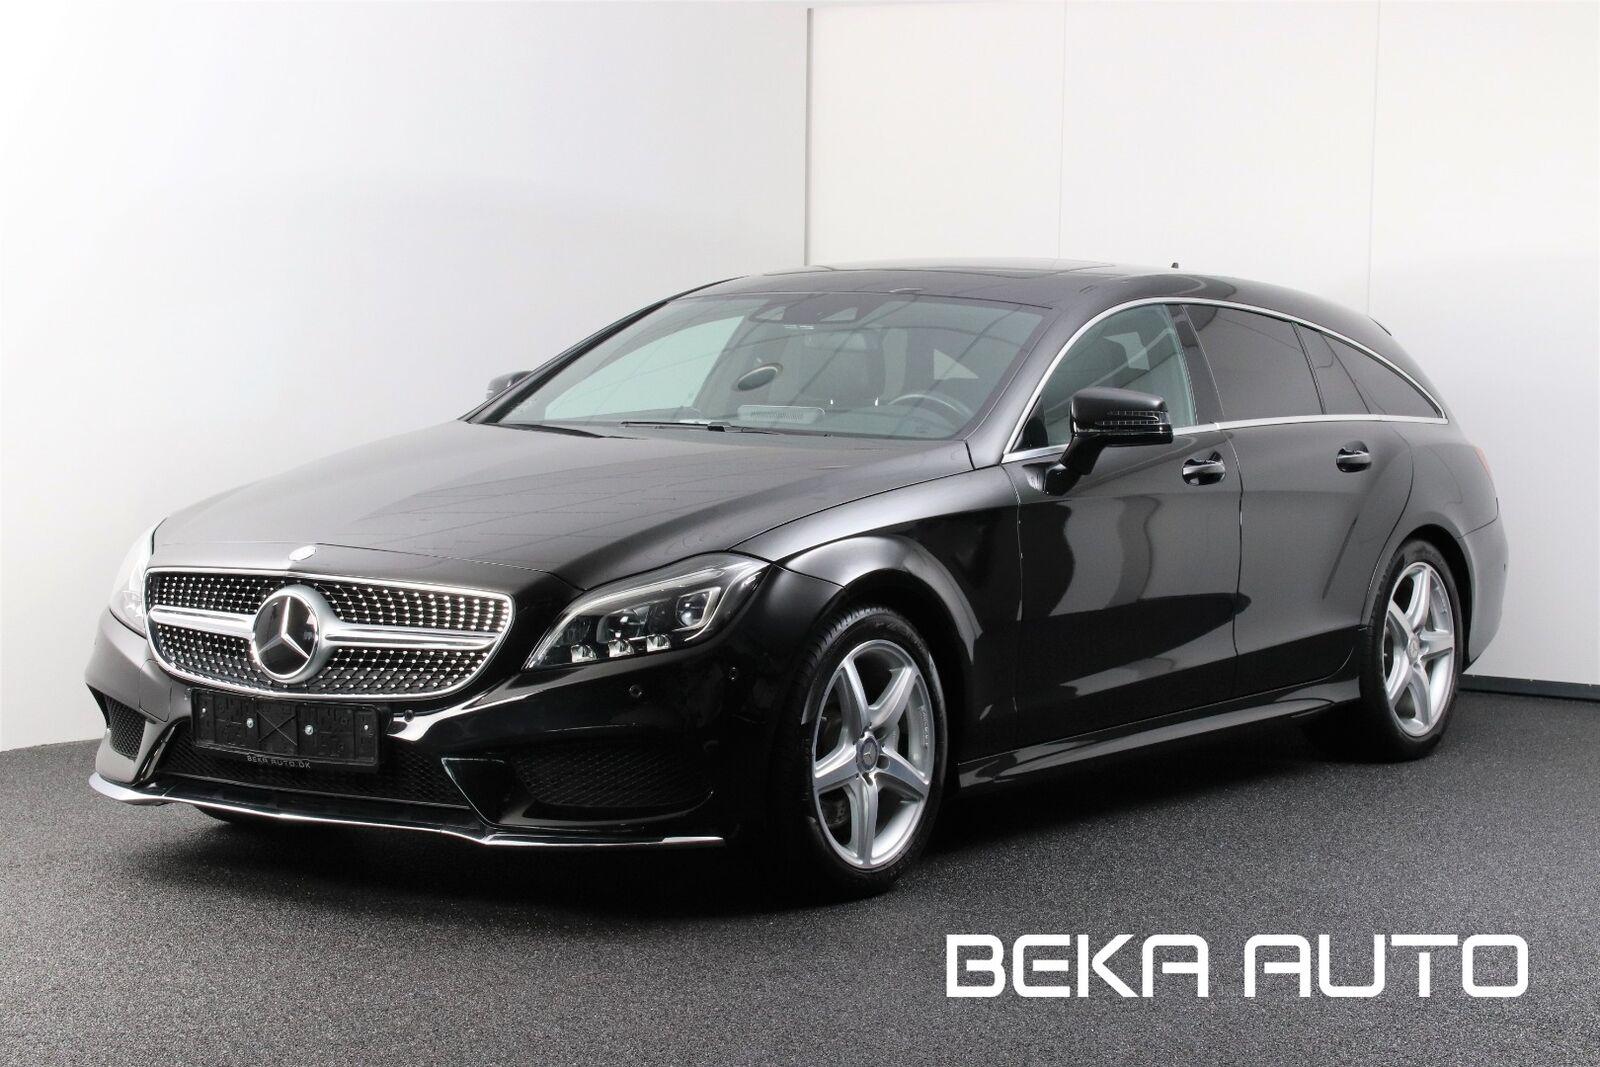 Mercedes CLS350 3,0 BlueTEC SB aut 4-M 5d - 579.800 kr.